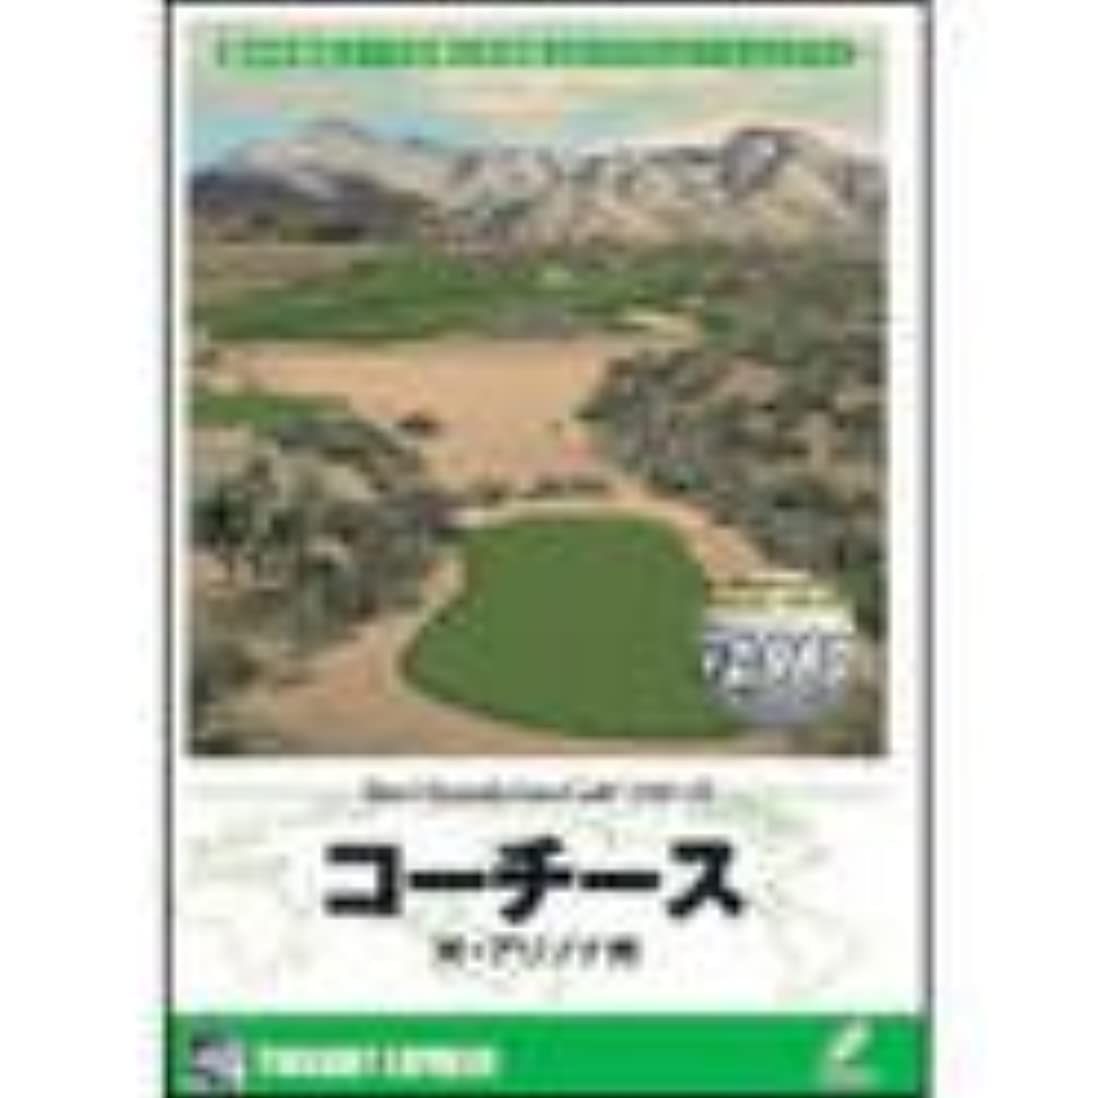 泥棒何三十リアルシミュレーションゴルフシリーズ 海外コース 1 コーチース 米?アリゾナ州